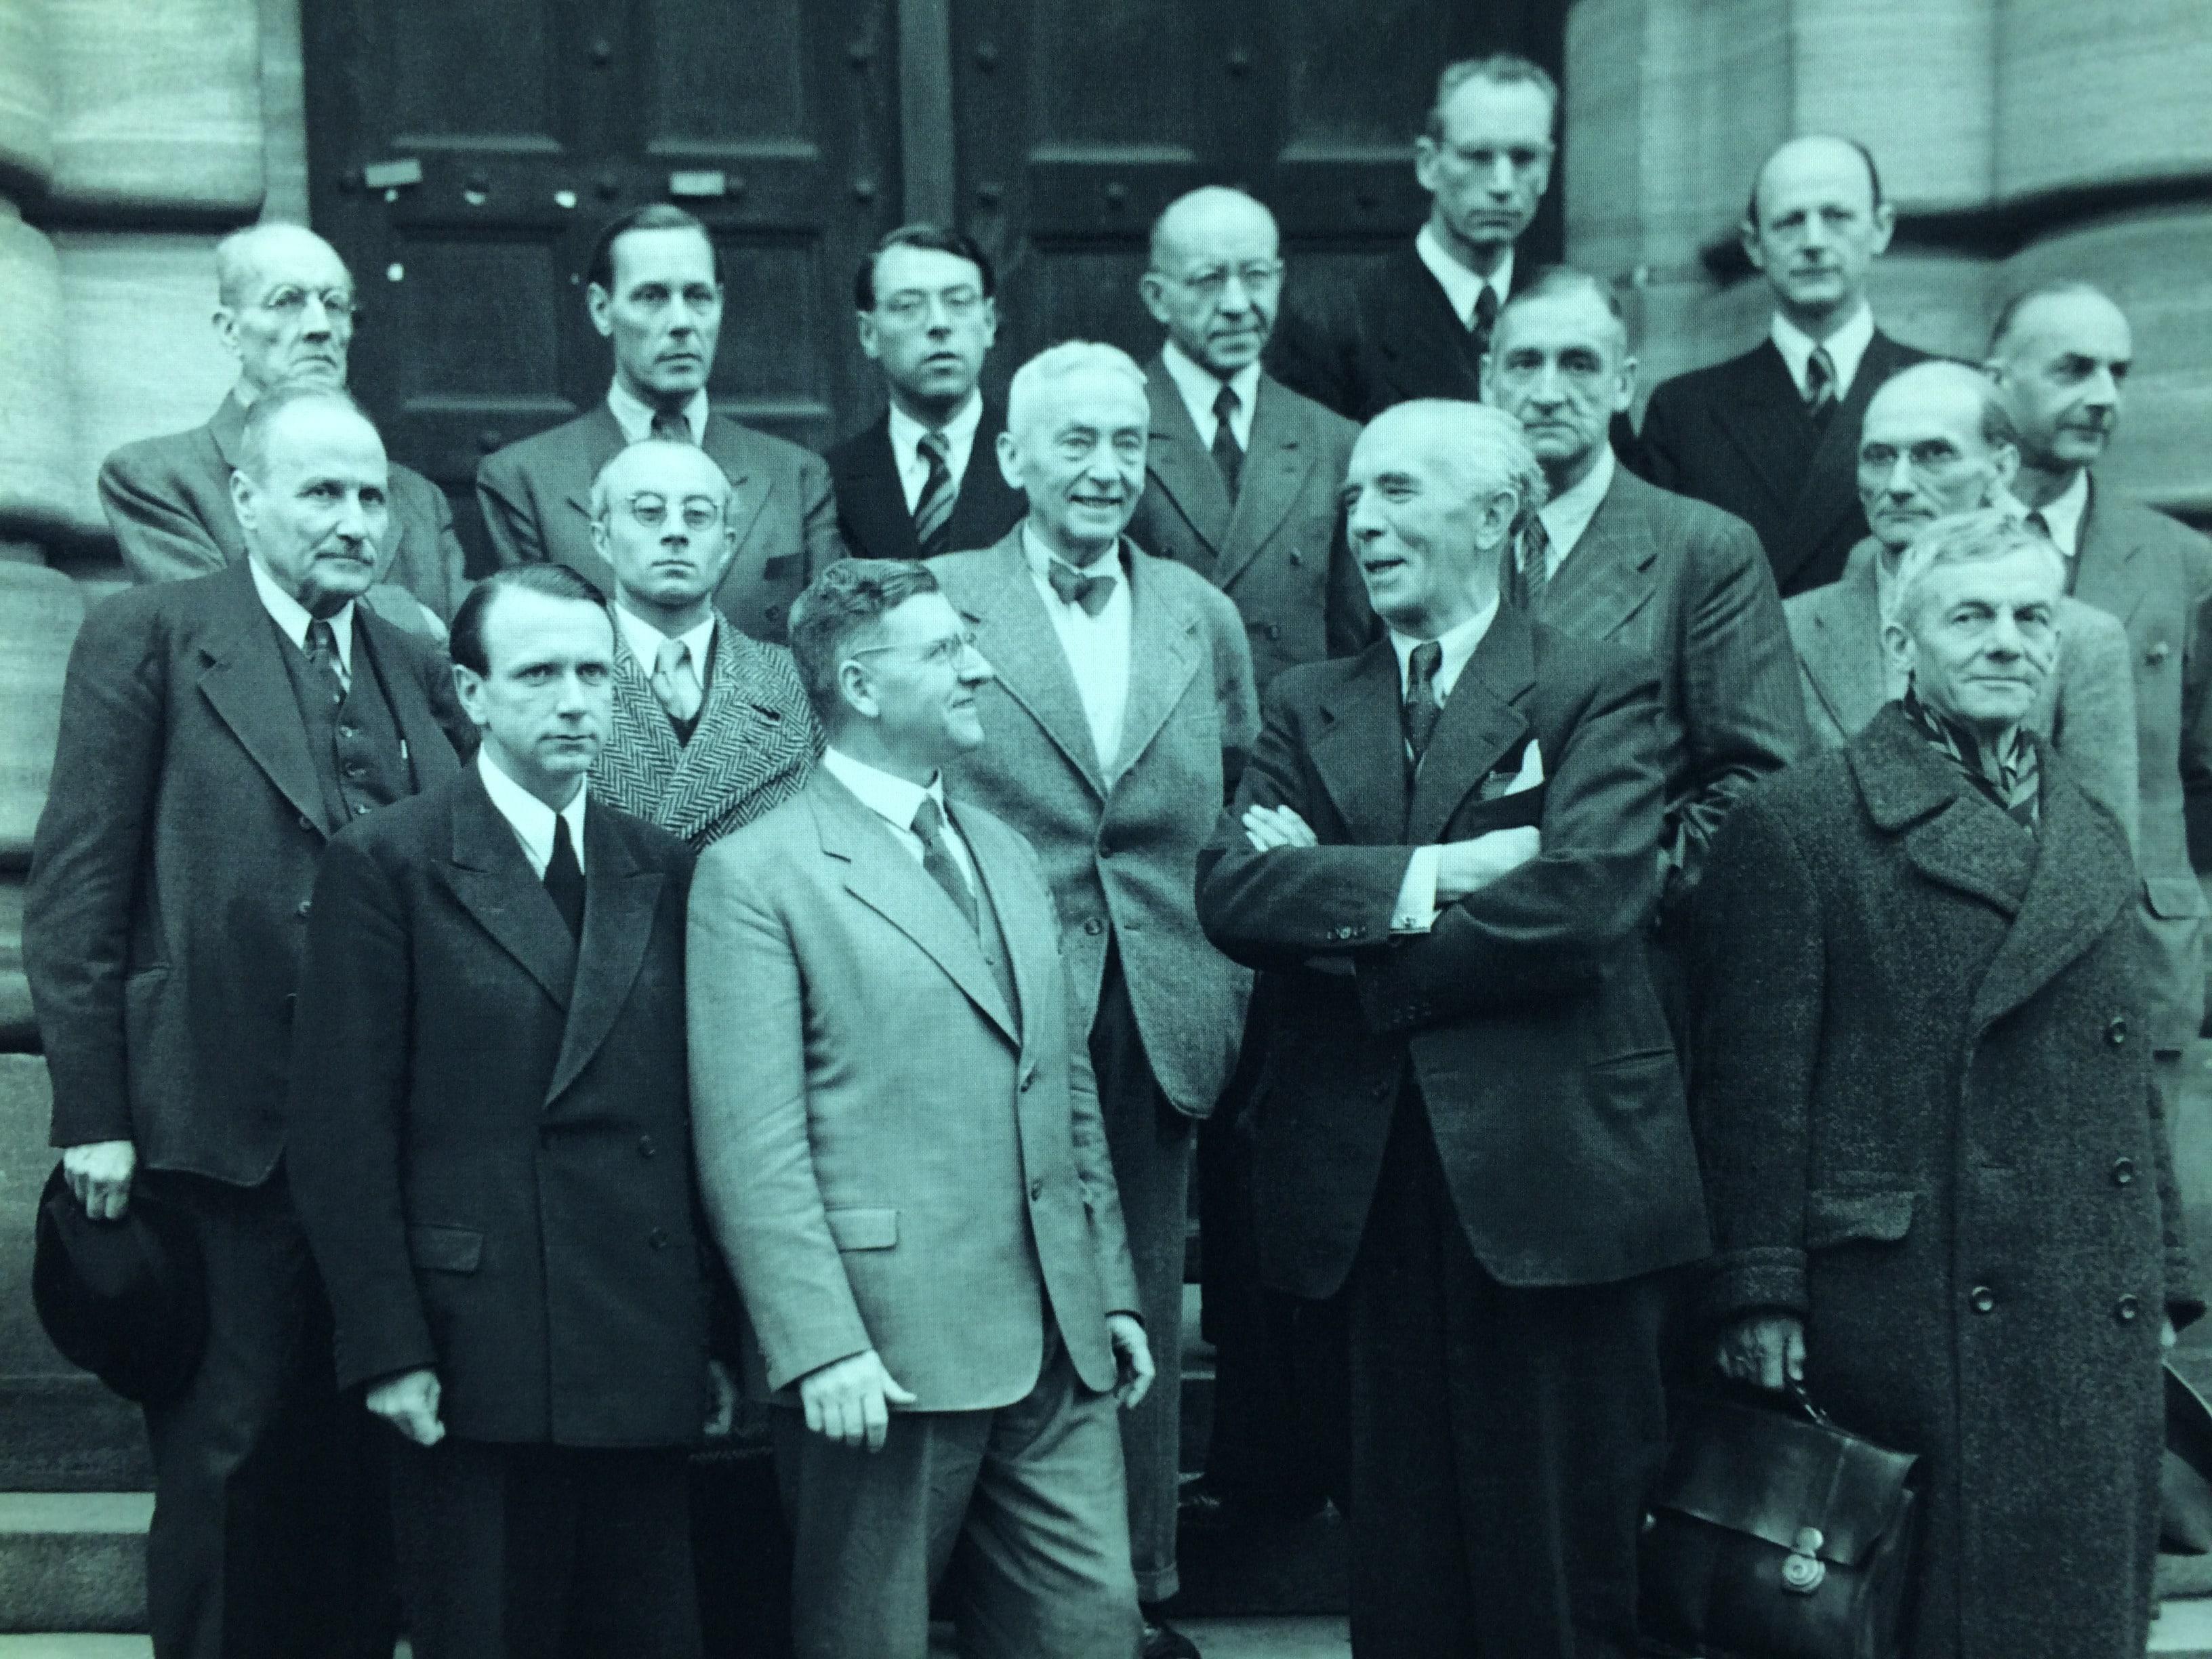 Gli avvocati difensori del processo di Norimberga.